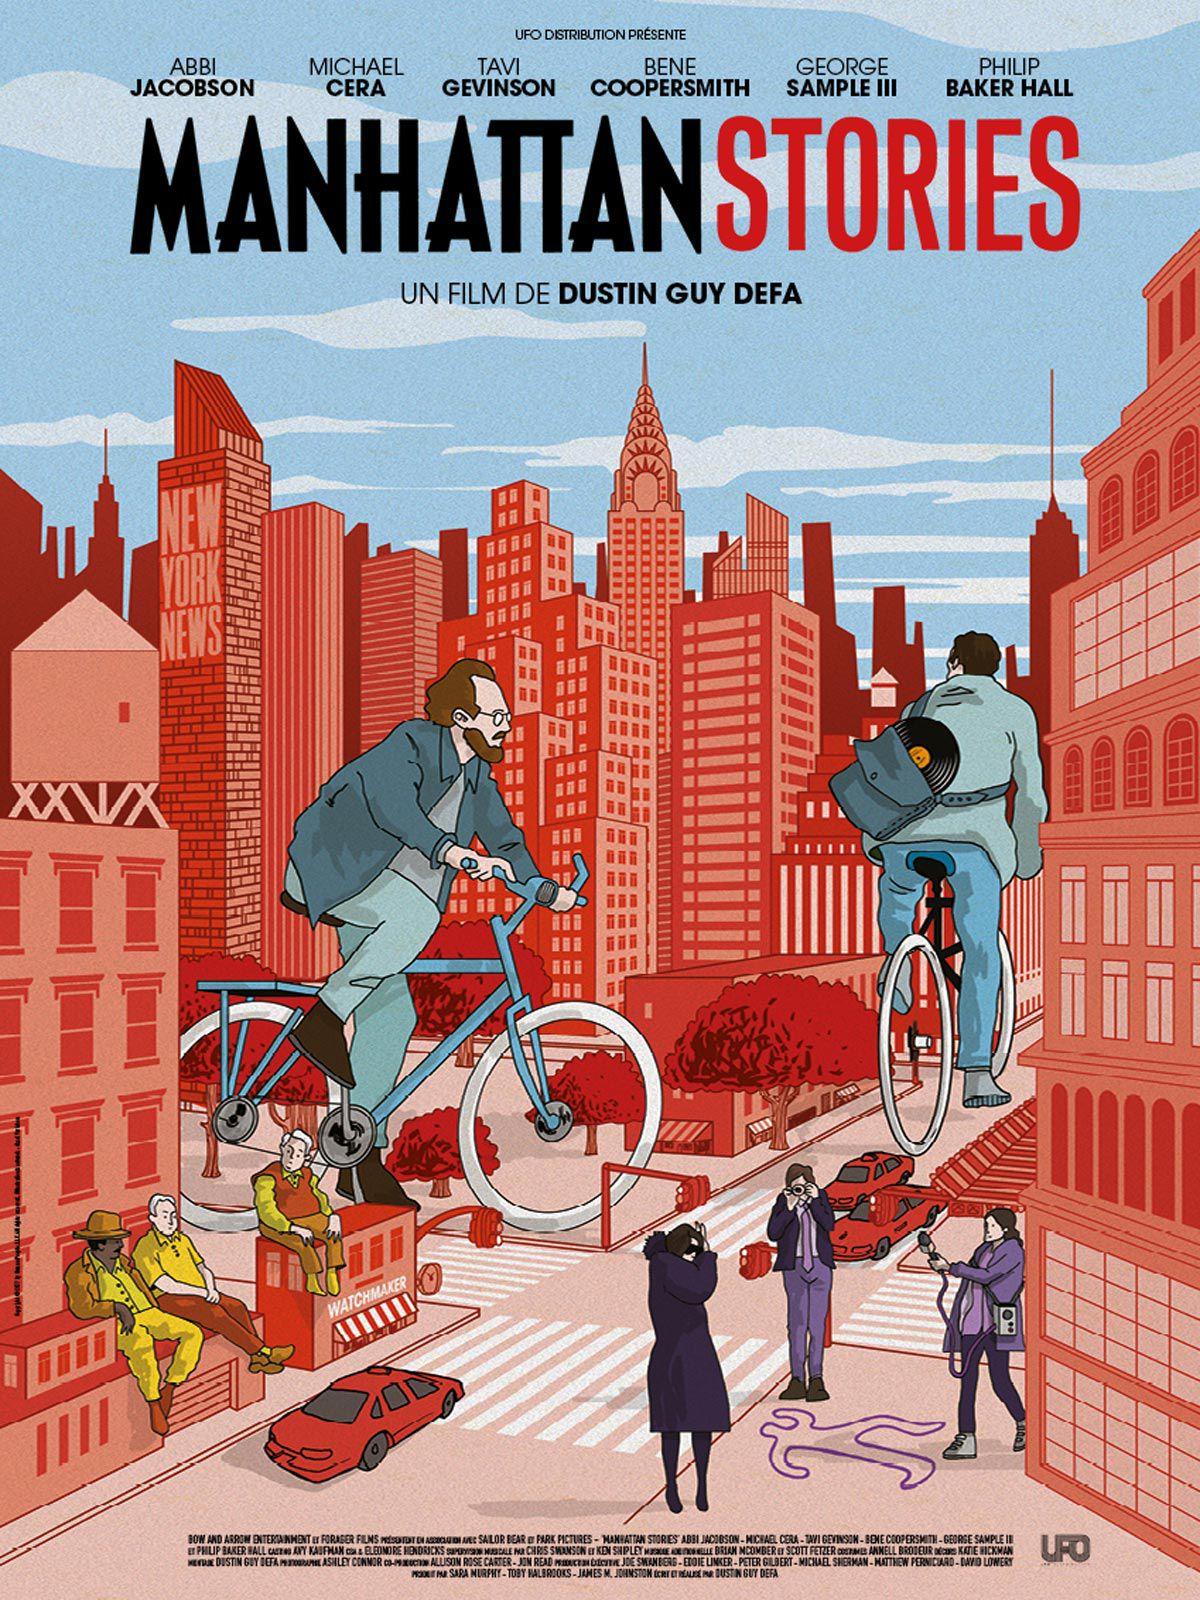 affiche du film Manhattan stories